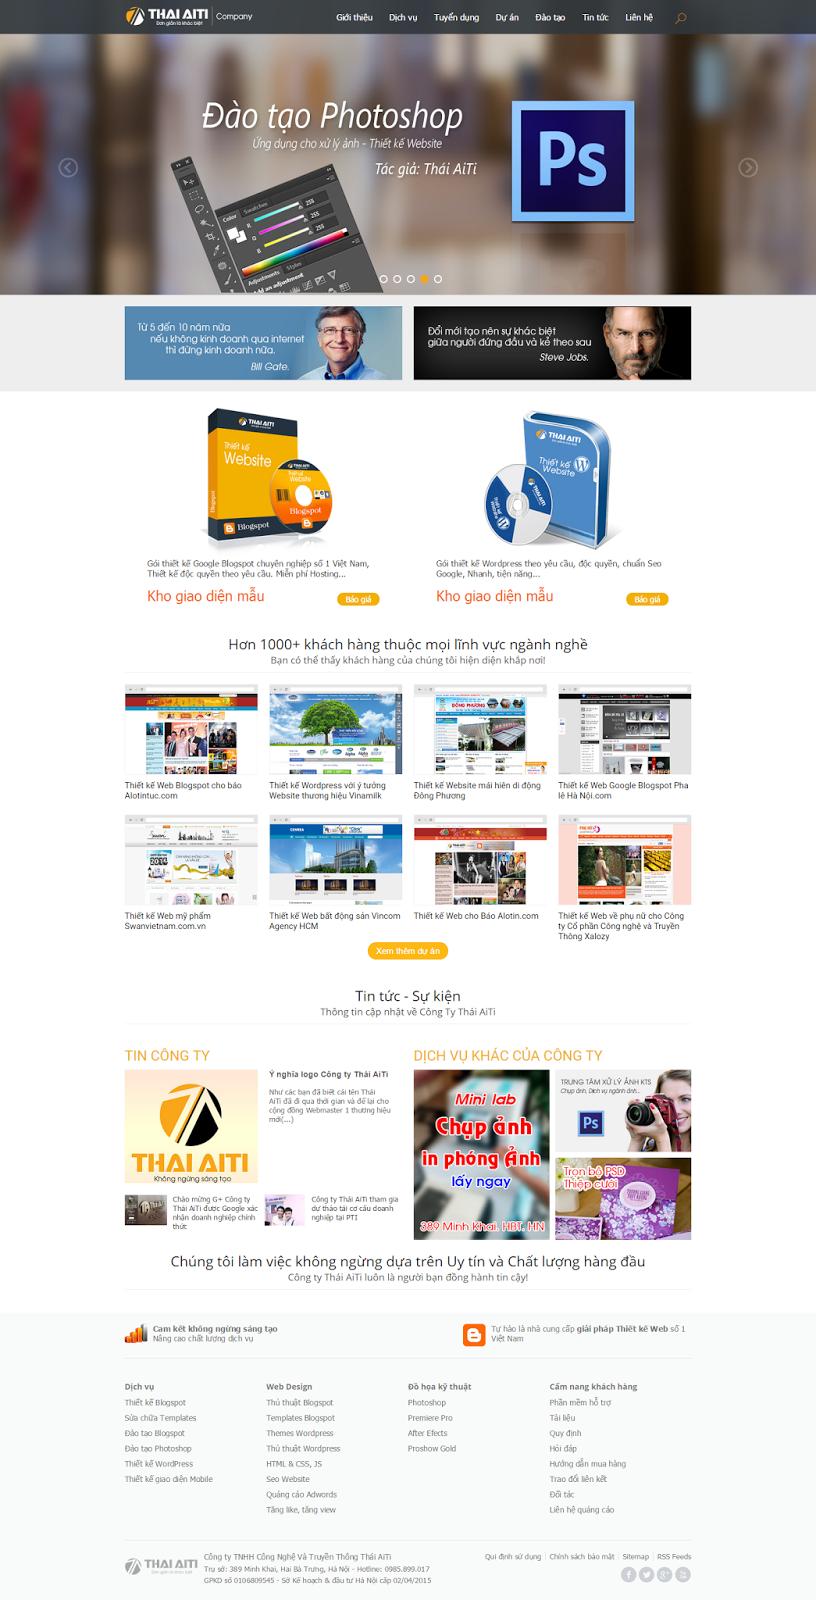 ThaiAiTi.com - 1 trang web độc đáo, thiết kế phong cách hiện đại